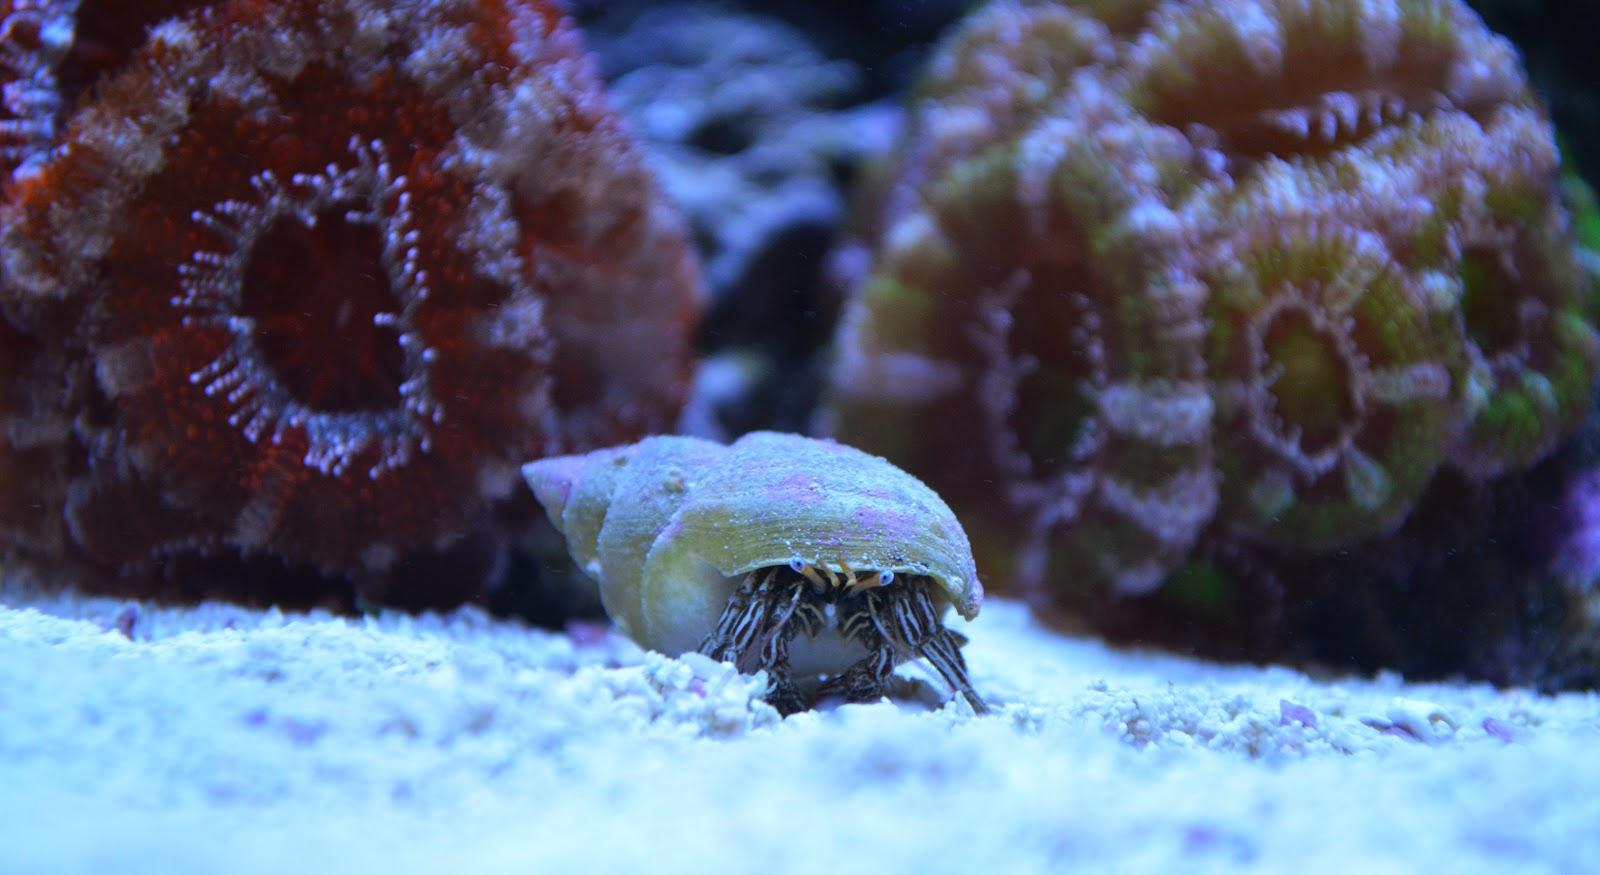 hermit crab image via reef2reef member Rickyrooz